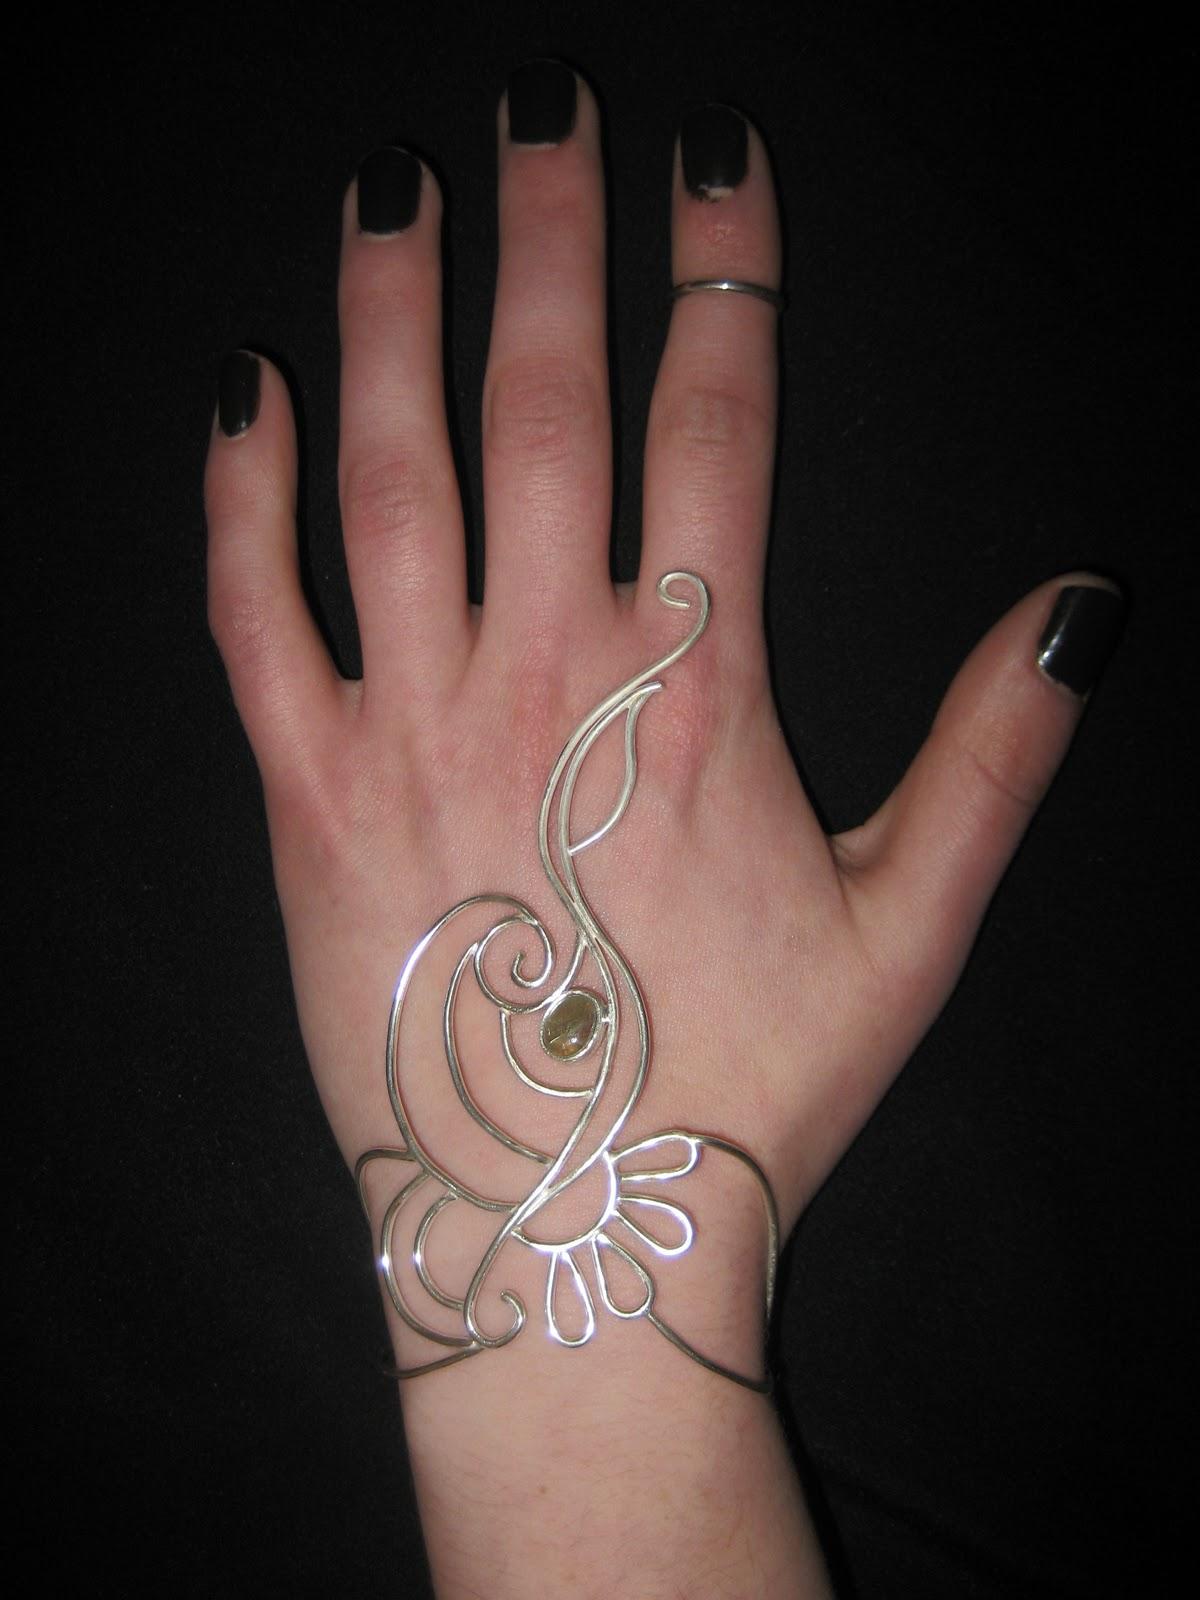 Henna Tattoo Ring Designs: Mixed Media Artist